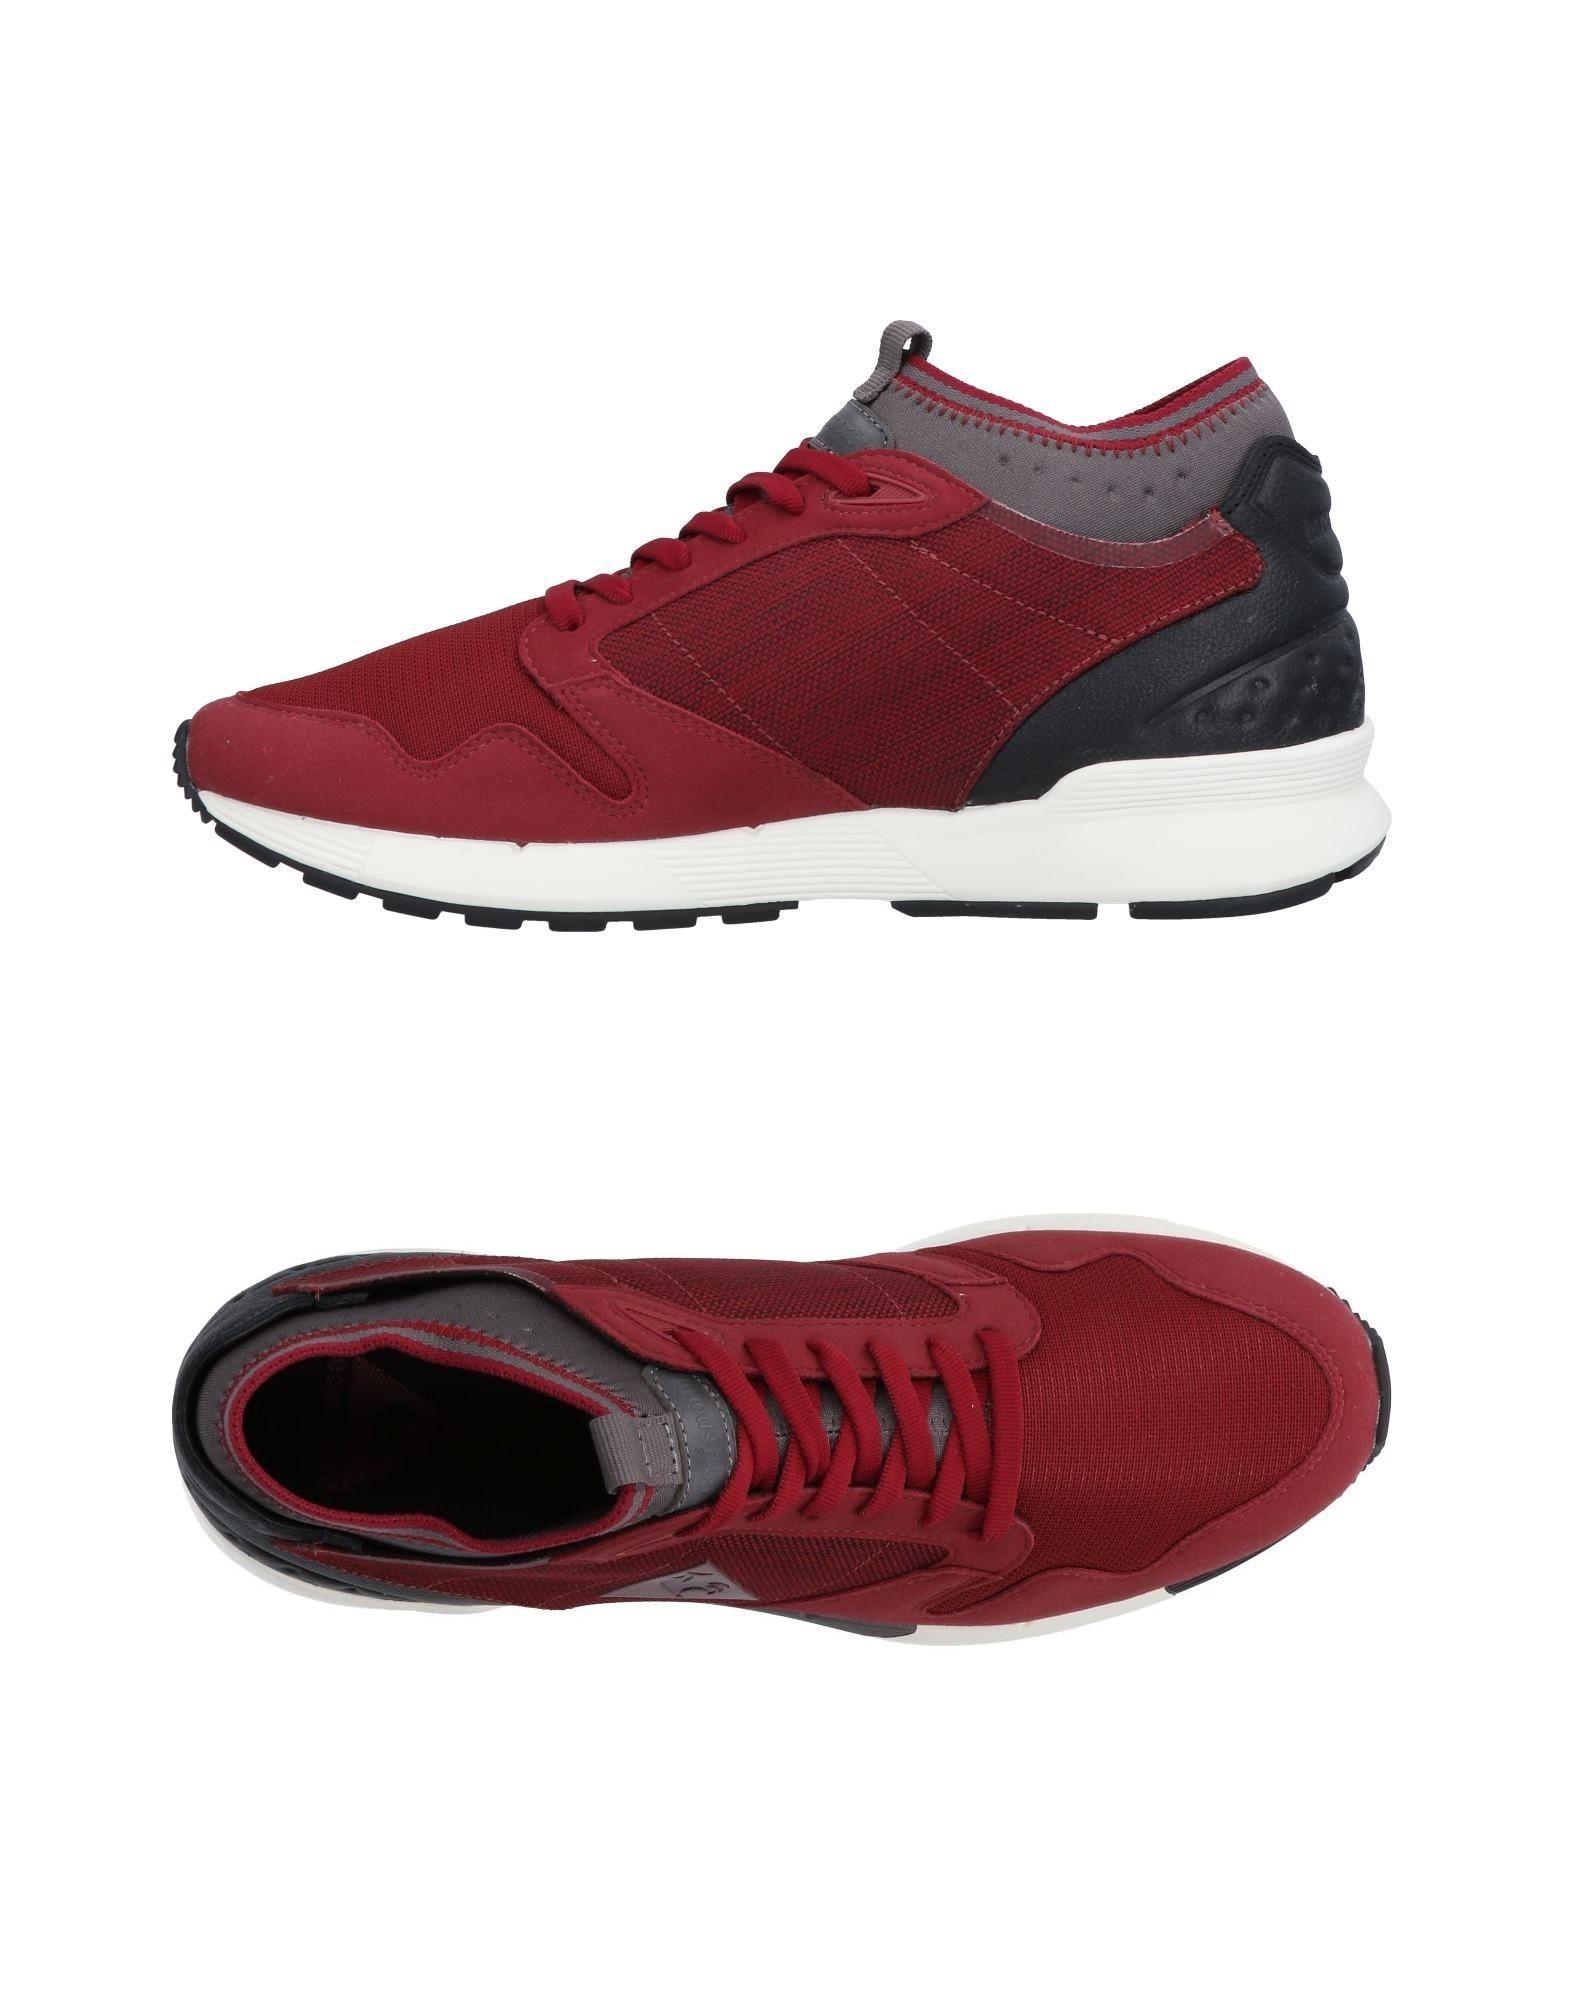 Rabatt echte Schuhe Le Coq Sportif Sneakers Herren  11497278EK